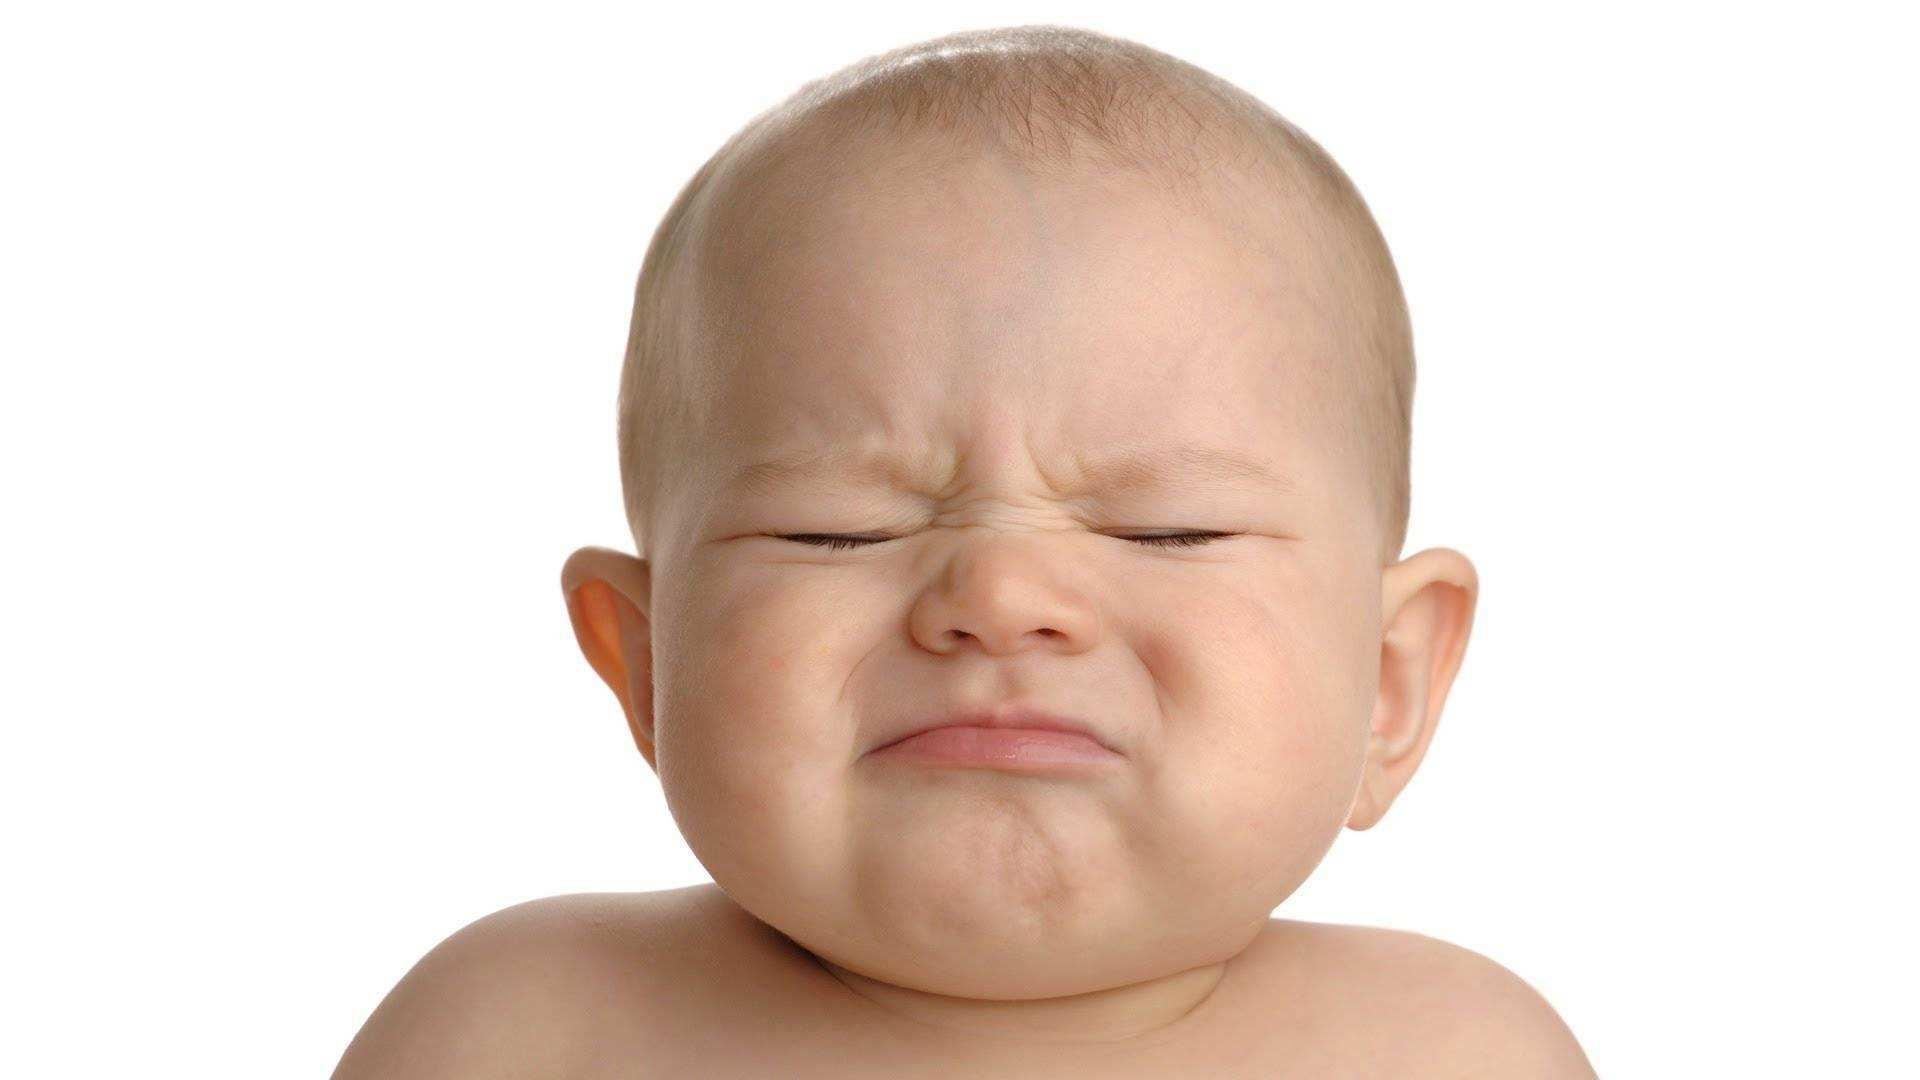 宝宝为什么会便秘,宝宝便秘到底应该如何预防